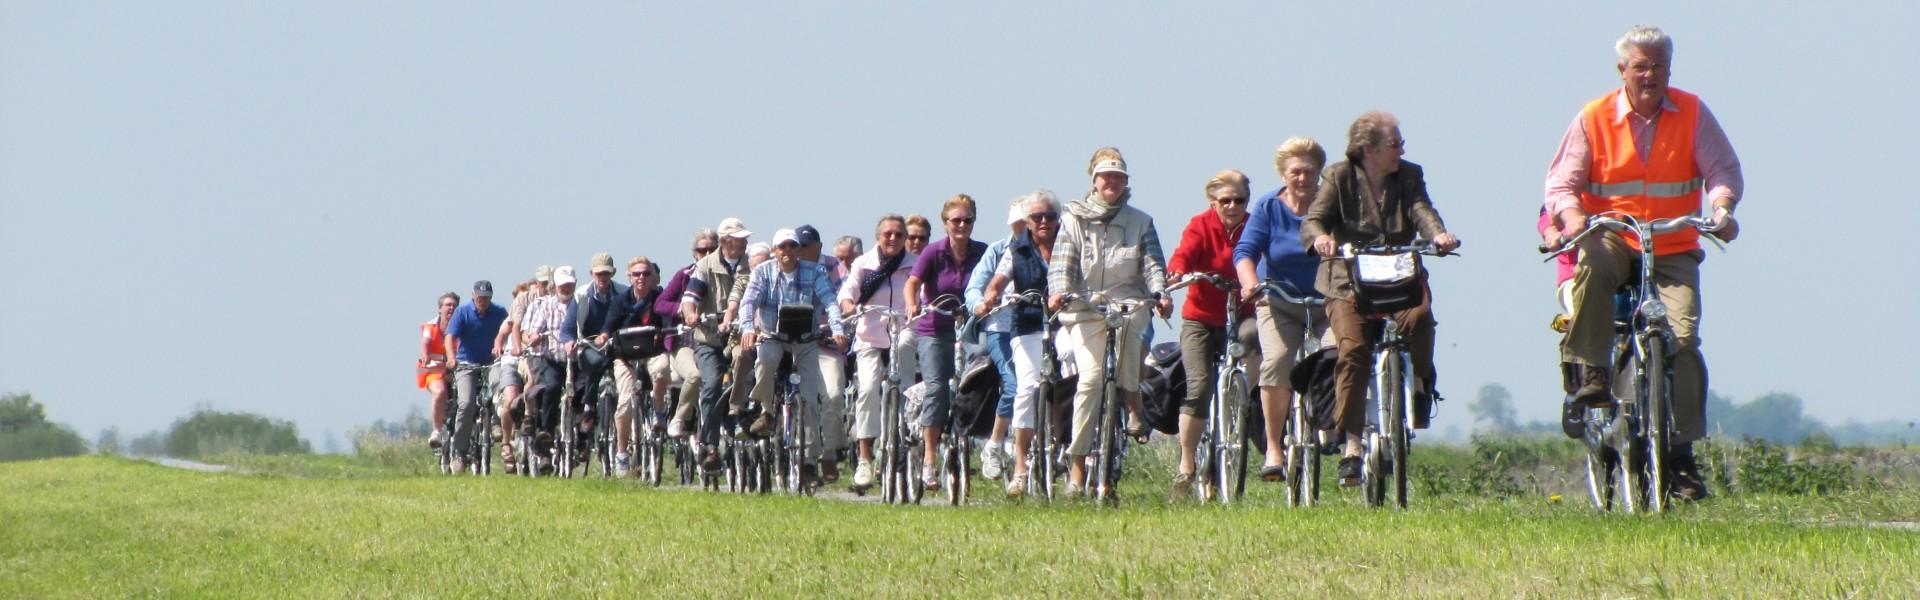 SWO-fietsclub